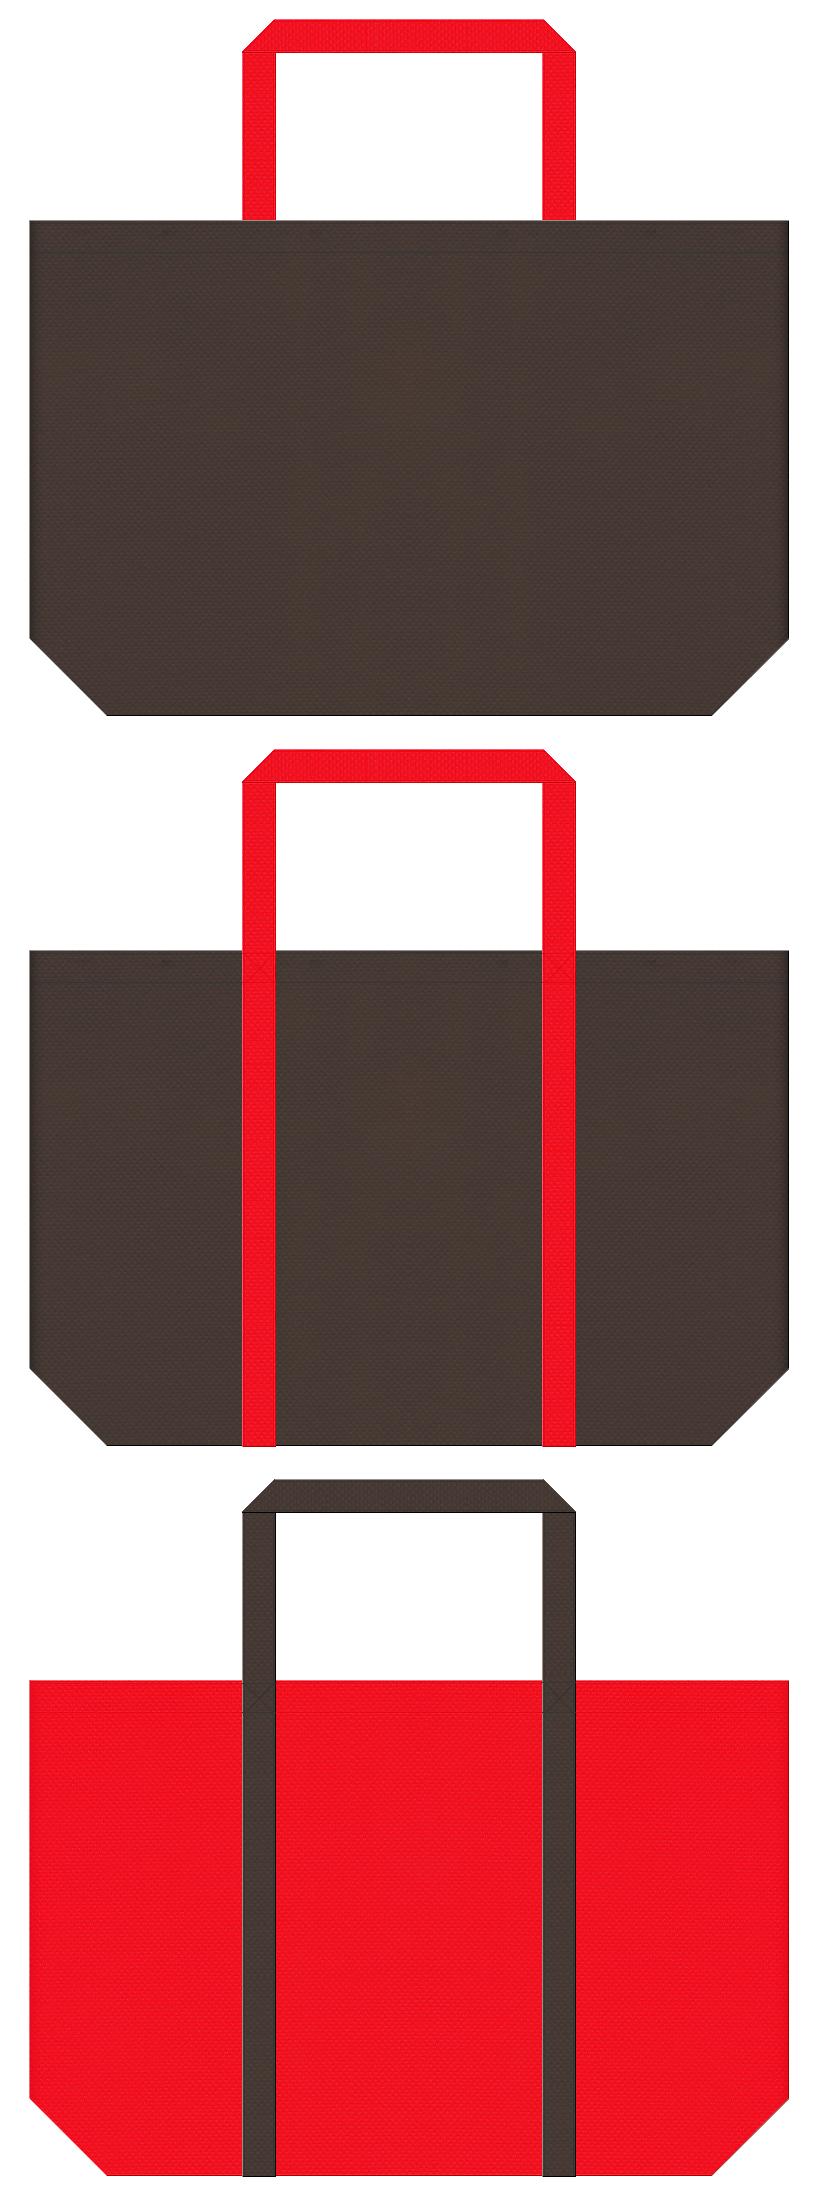 こげ茶色と赤色の不織布バッグデザイン。クリスマスのショッピングバッグにお奨めの配色です。